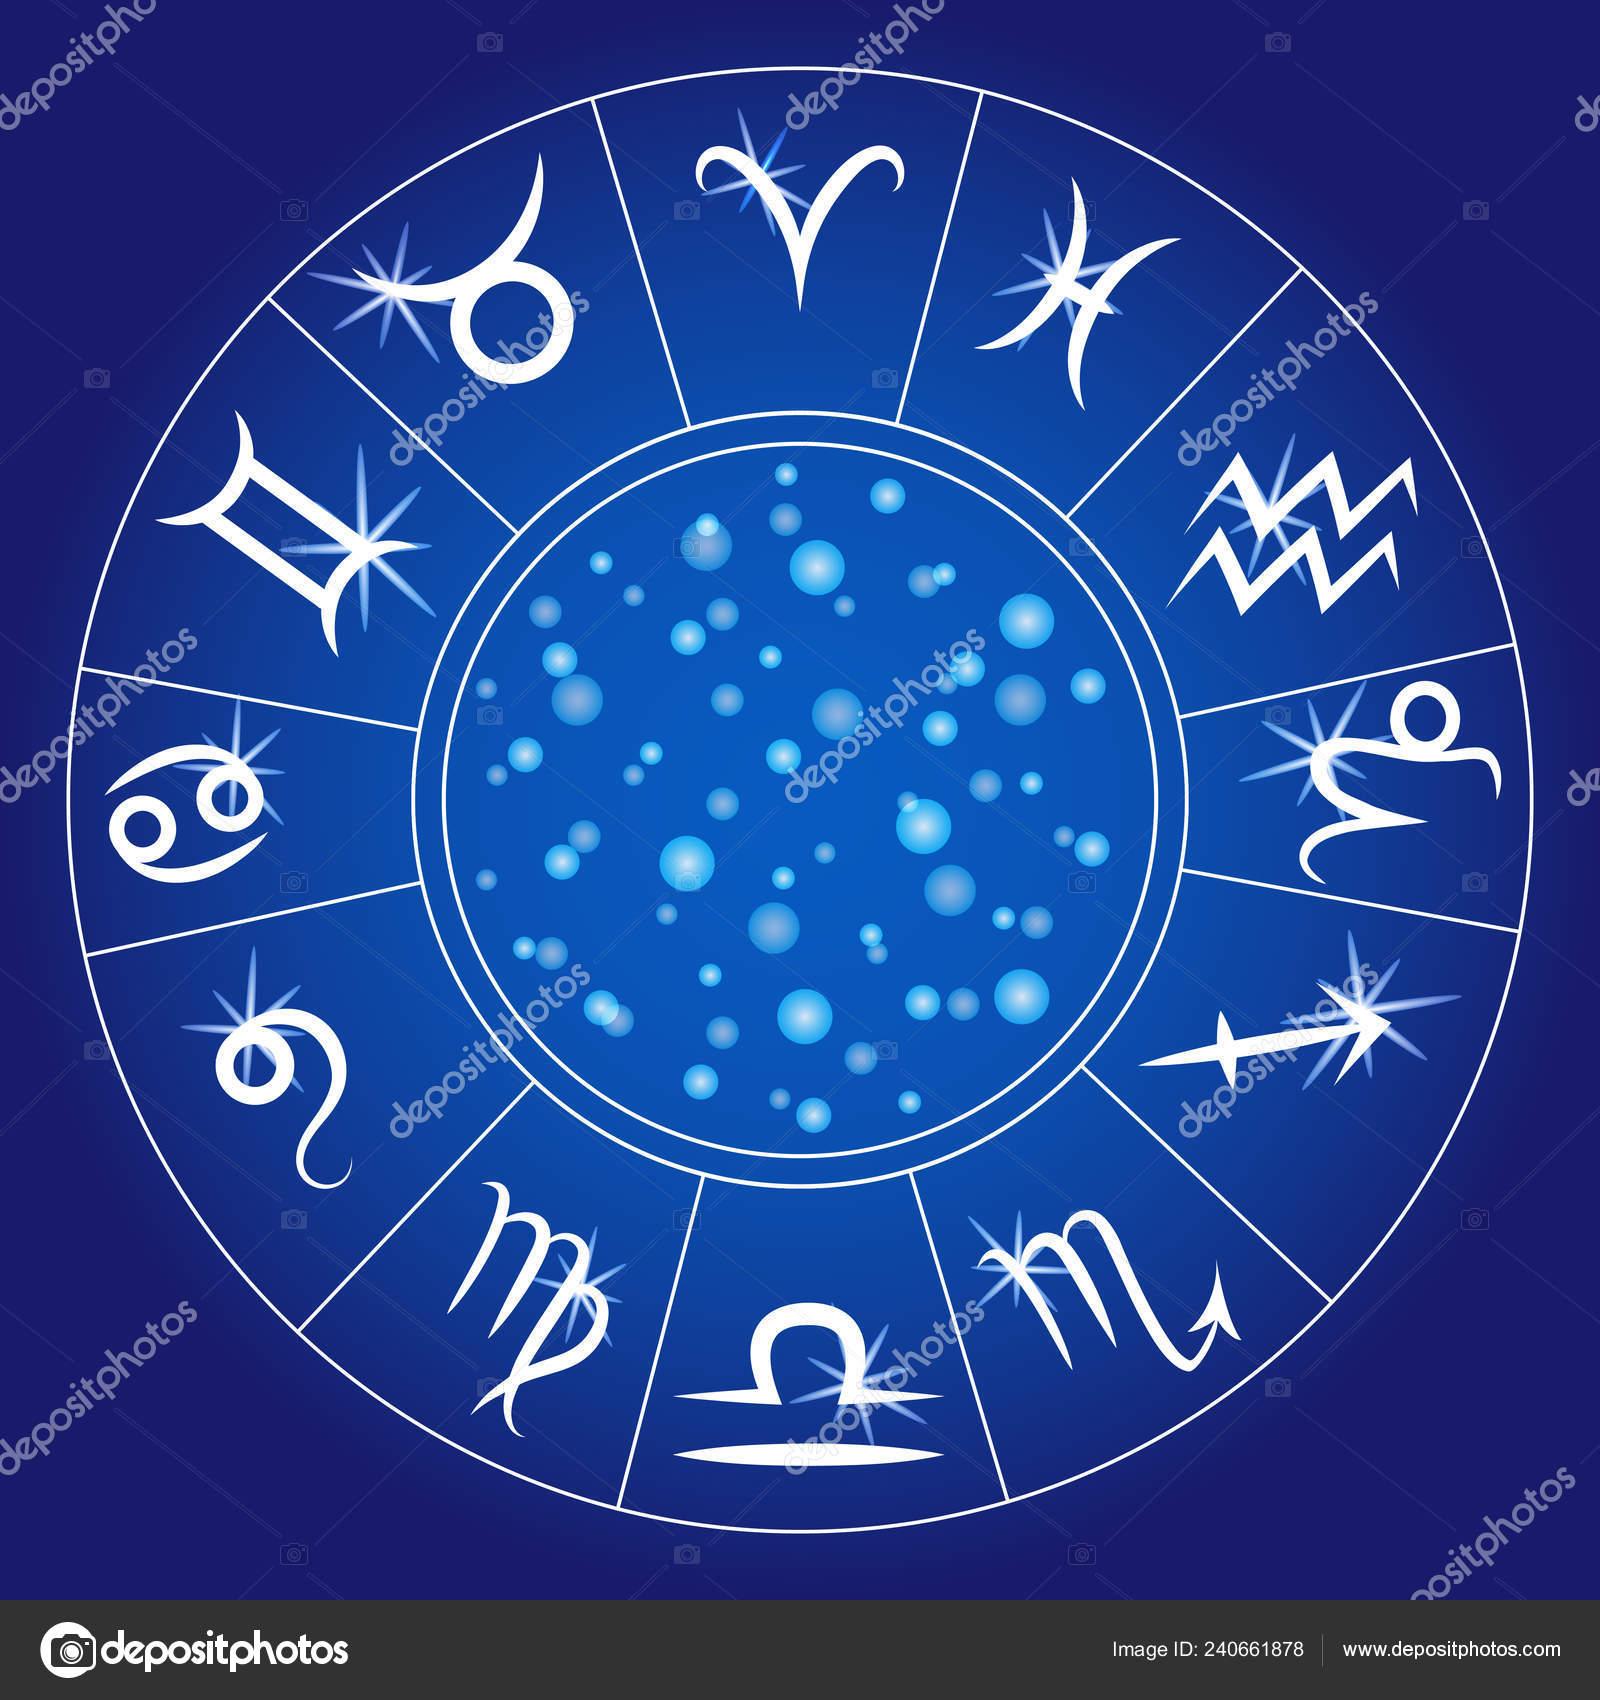 Calendario Zodiacal.Signos Del Zodiaco Ronda Zodiacal Calendario Astrologico Horoscopo